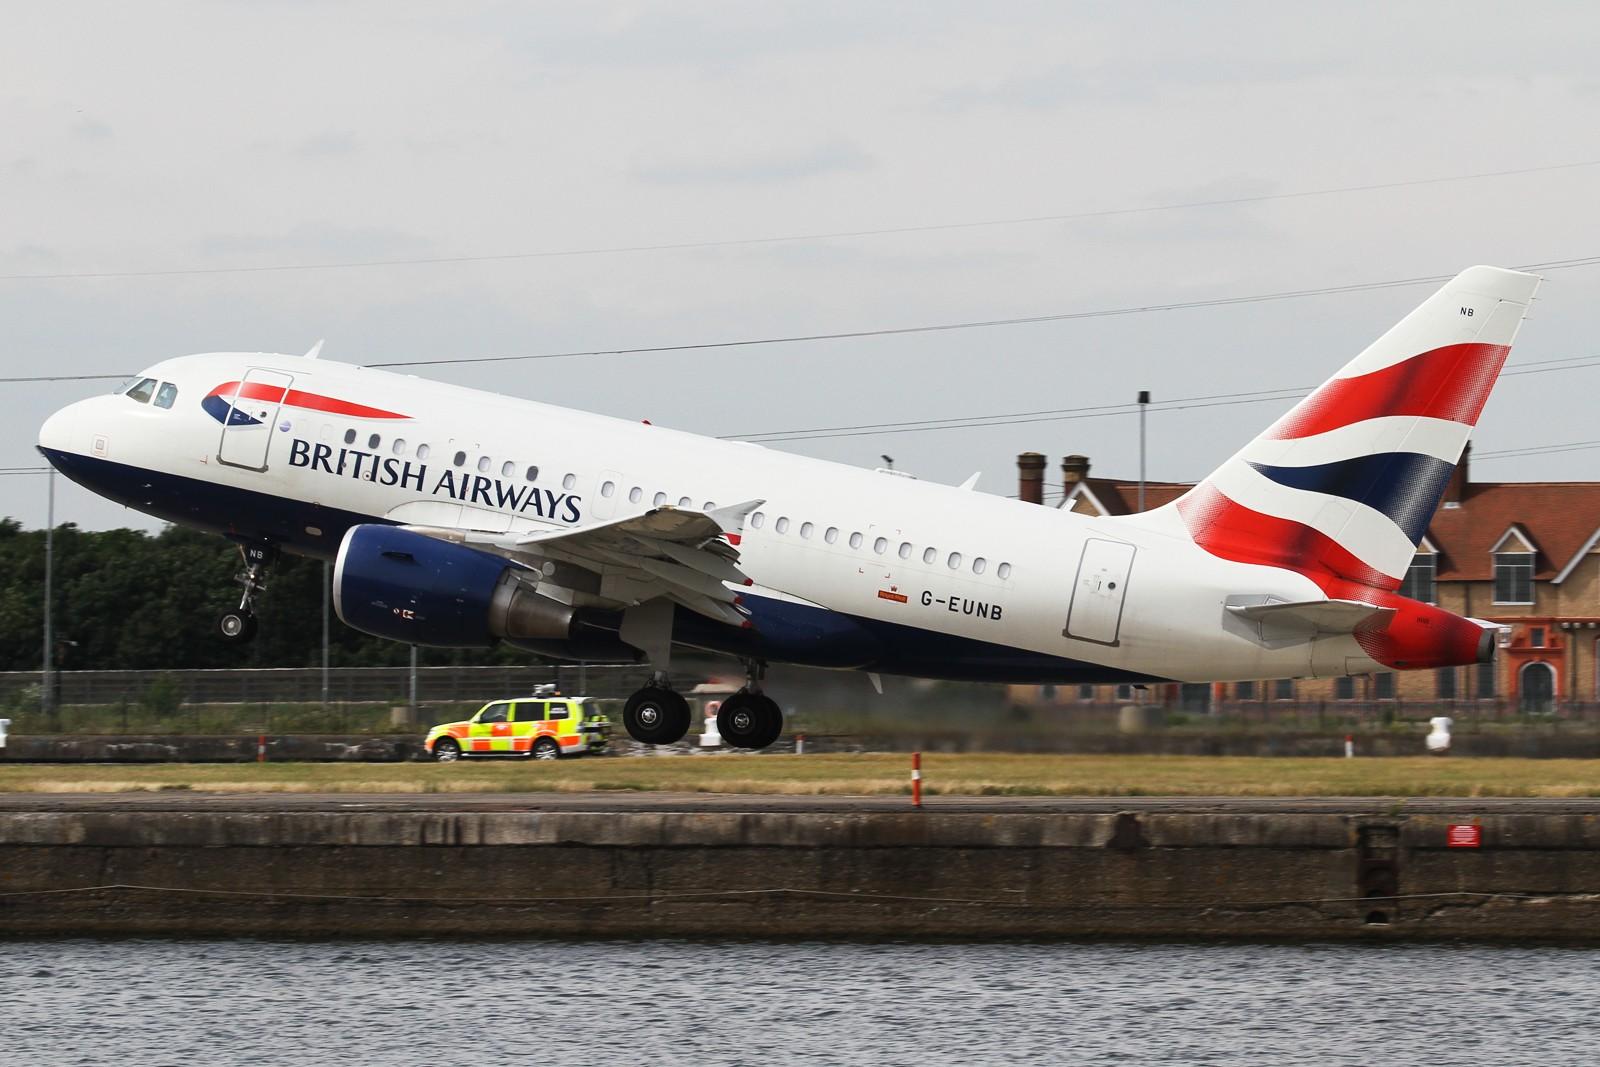 Re:【NKG/LHR/LCY/FFD/FAB/MAN/FRA/KIX】暑期临近尾声,大不列颠/霓虹流窜记回顾总结 AIRBUS A318-100 G-EUNB 英国伦敦城市机场